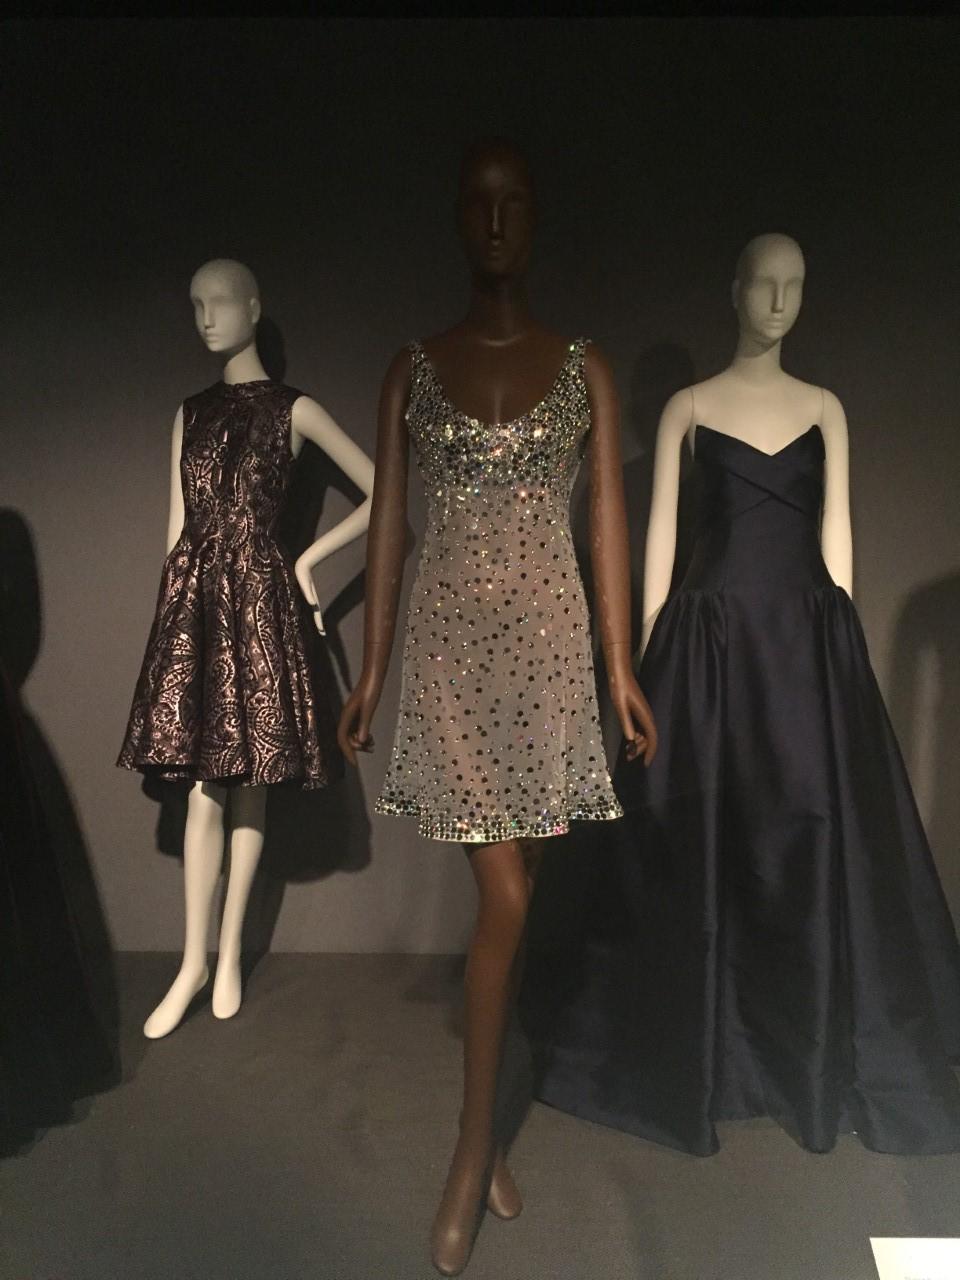 Black Fashion Designers 7.jpg